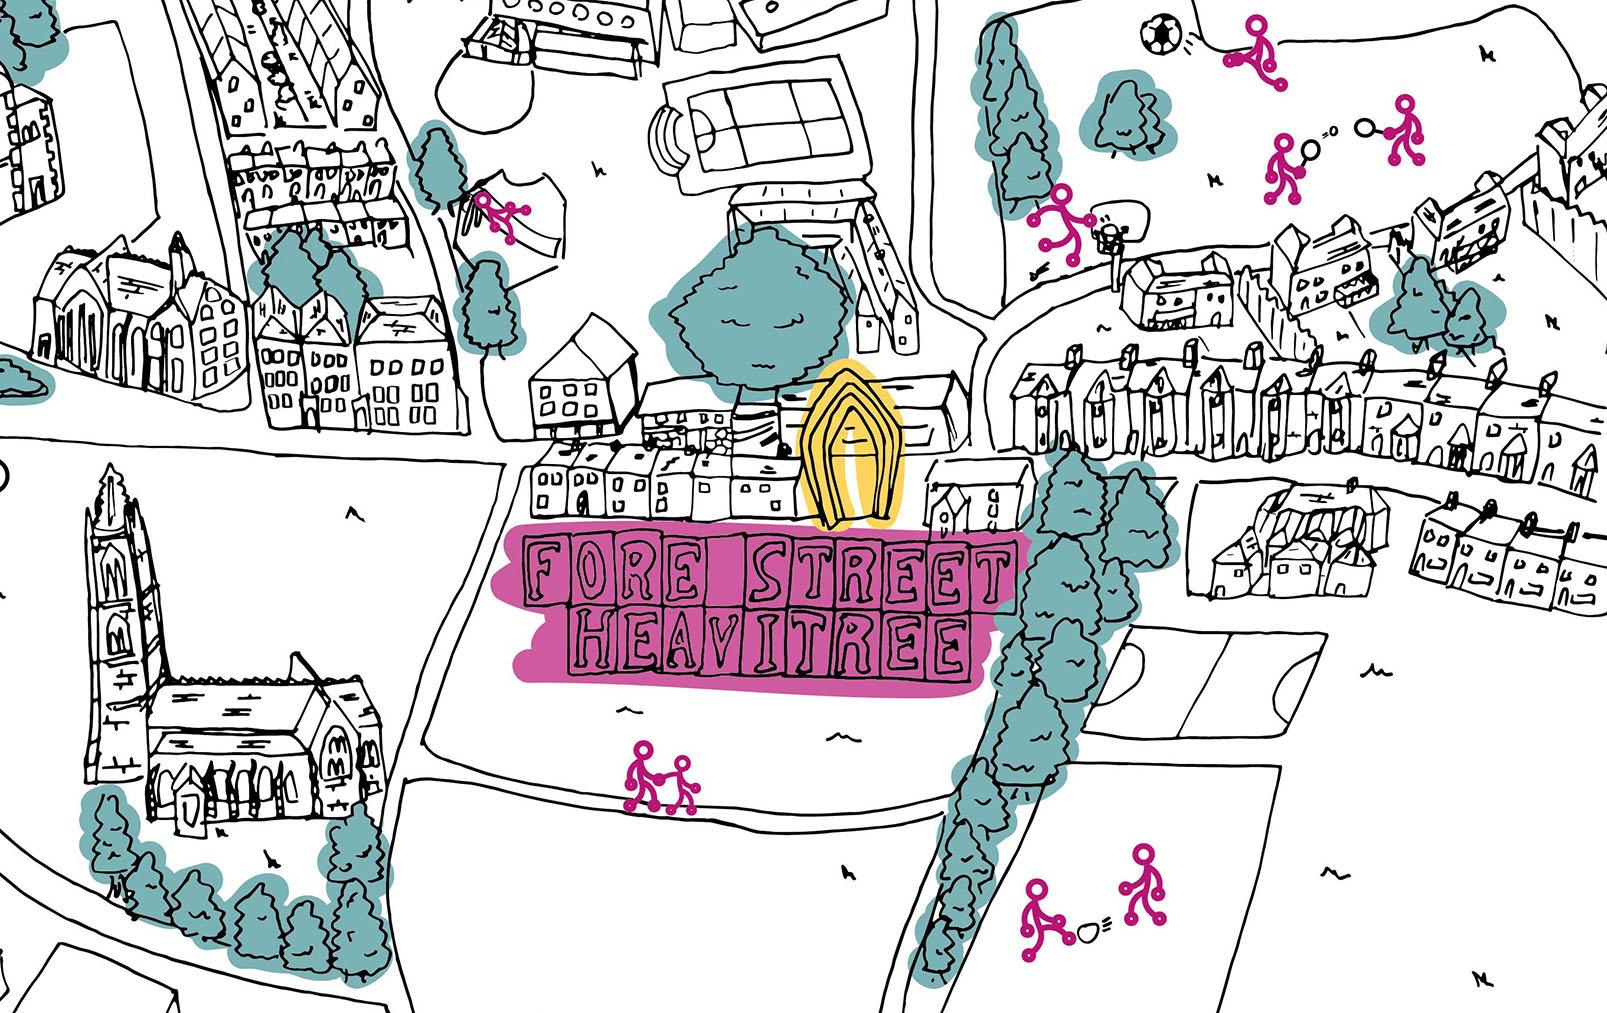 Heavitree Community Map